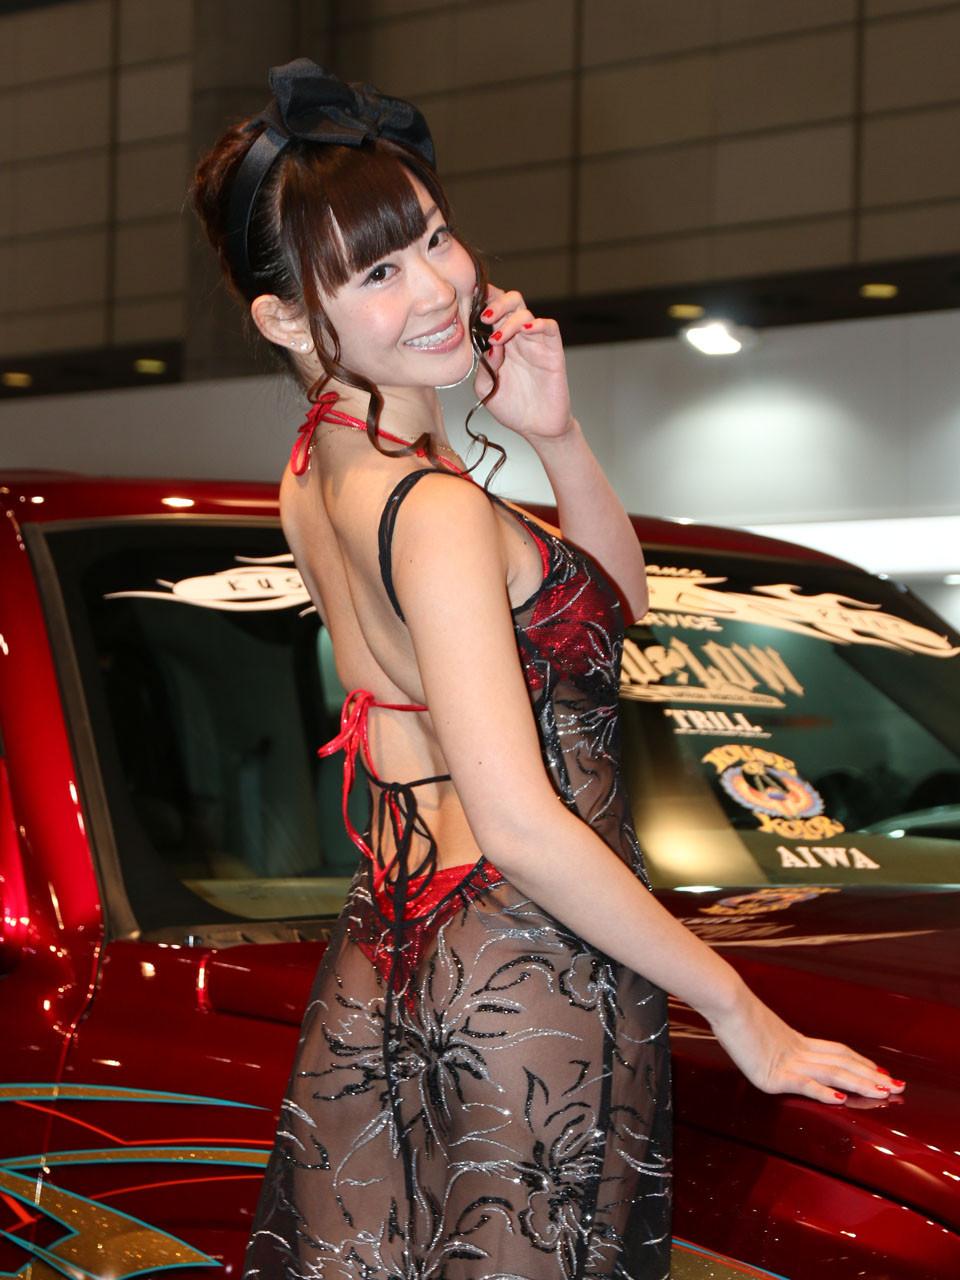 【キャンギャルエロ画像】ムッチリと股間は常に激熱!セクシー衣装のキャンギャル(;・∀・)